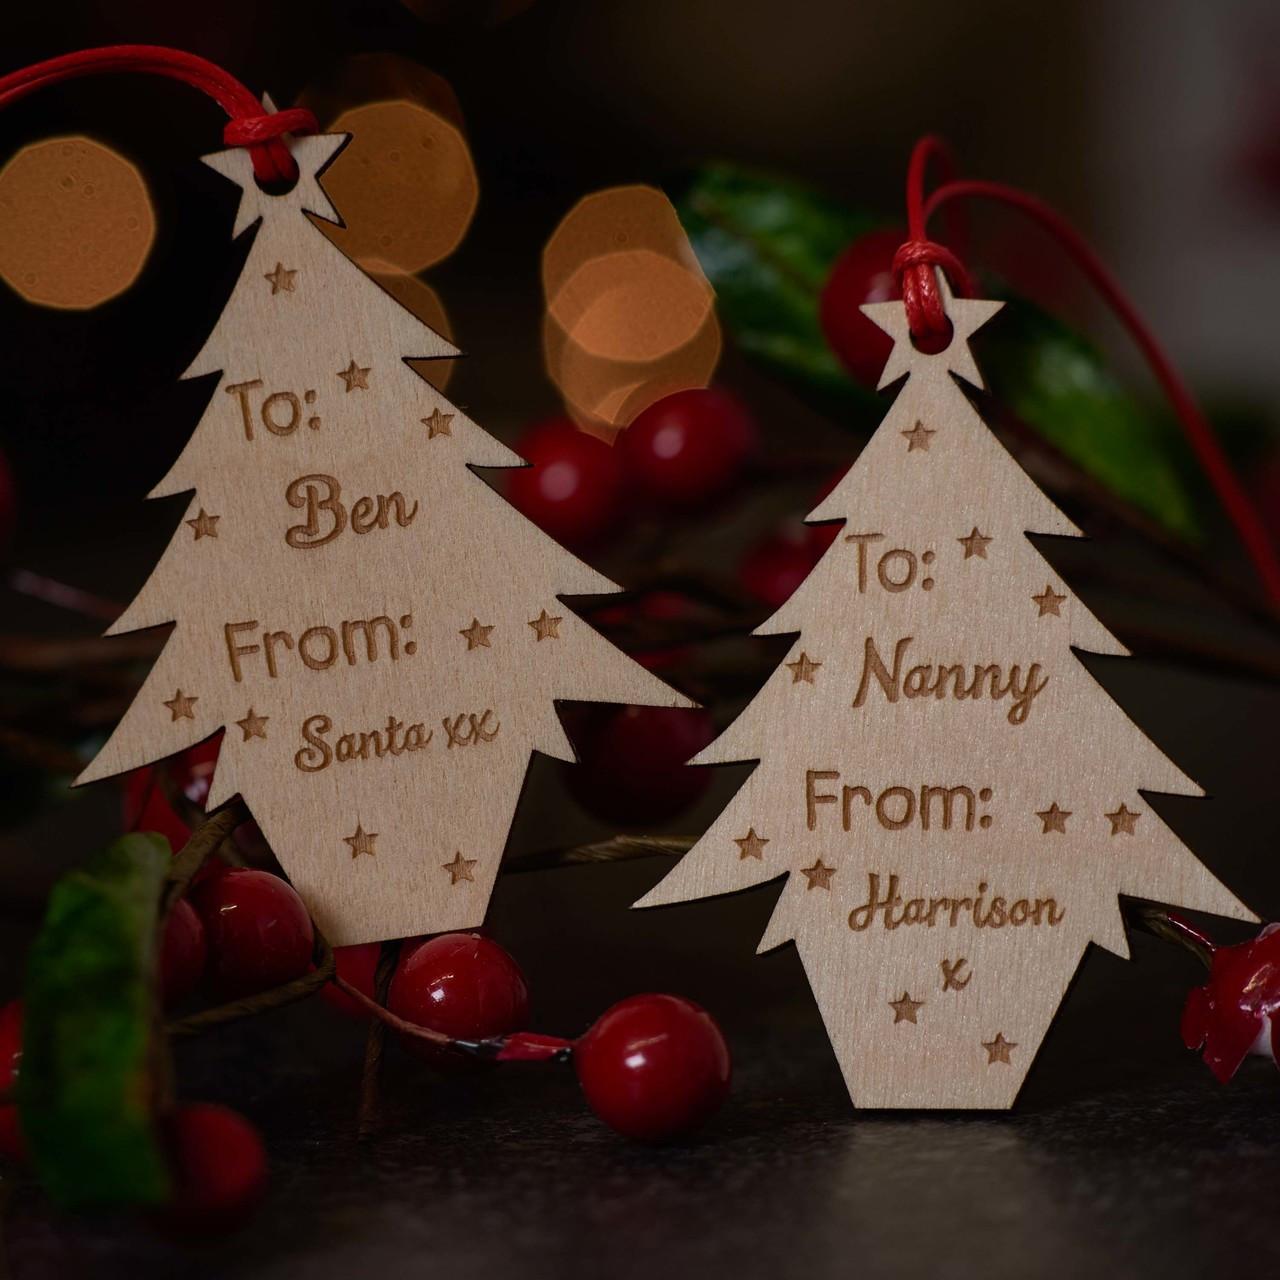 e7f6fa60f3e9f Personalised Christmas Tree Gift Tags